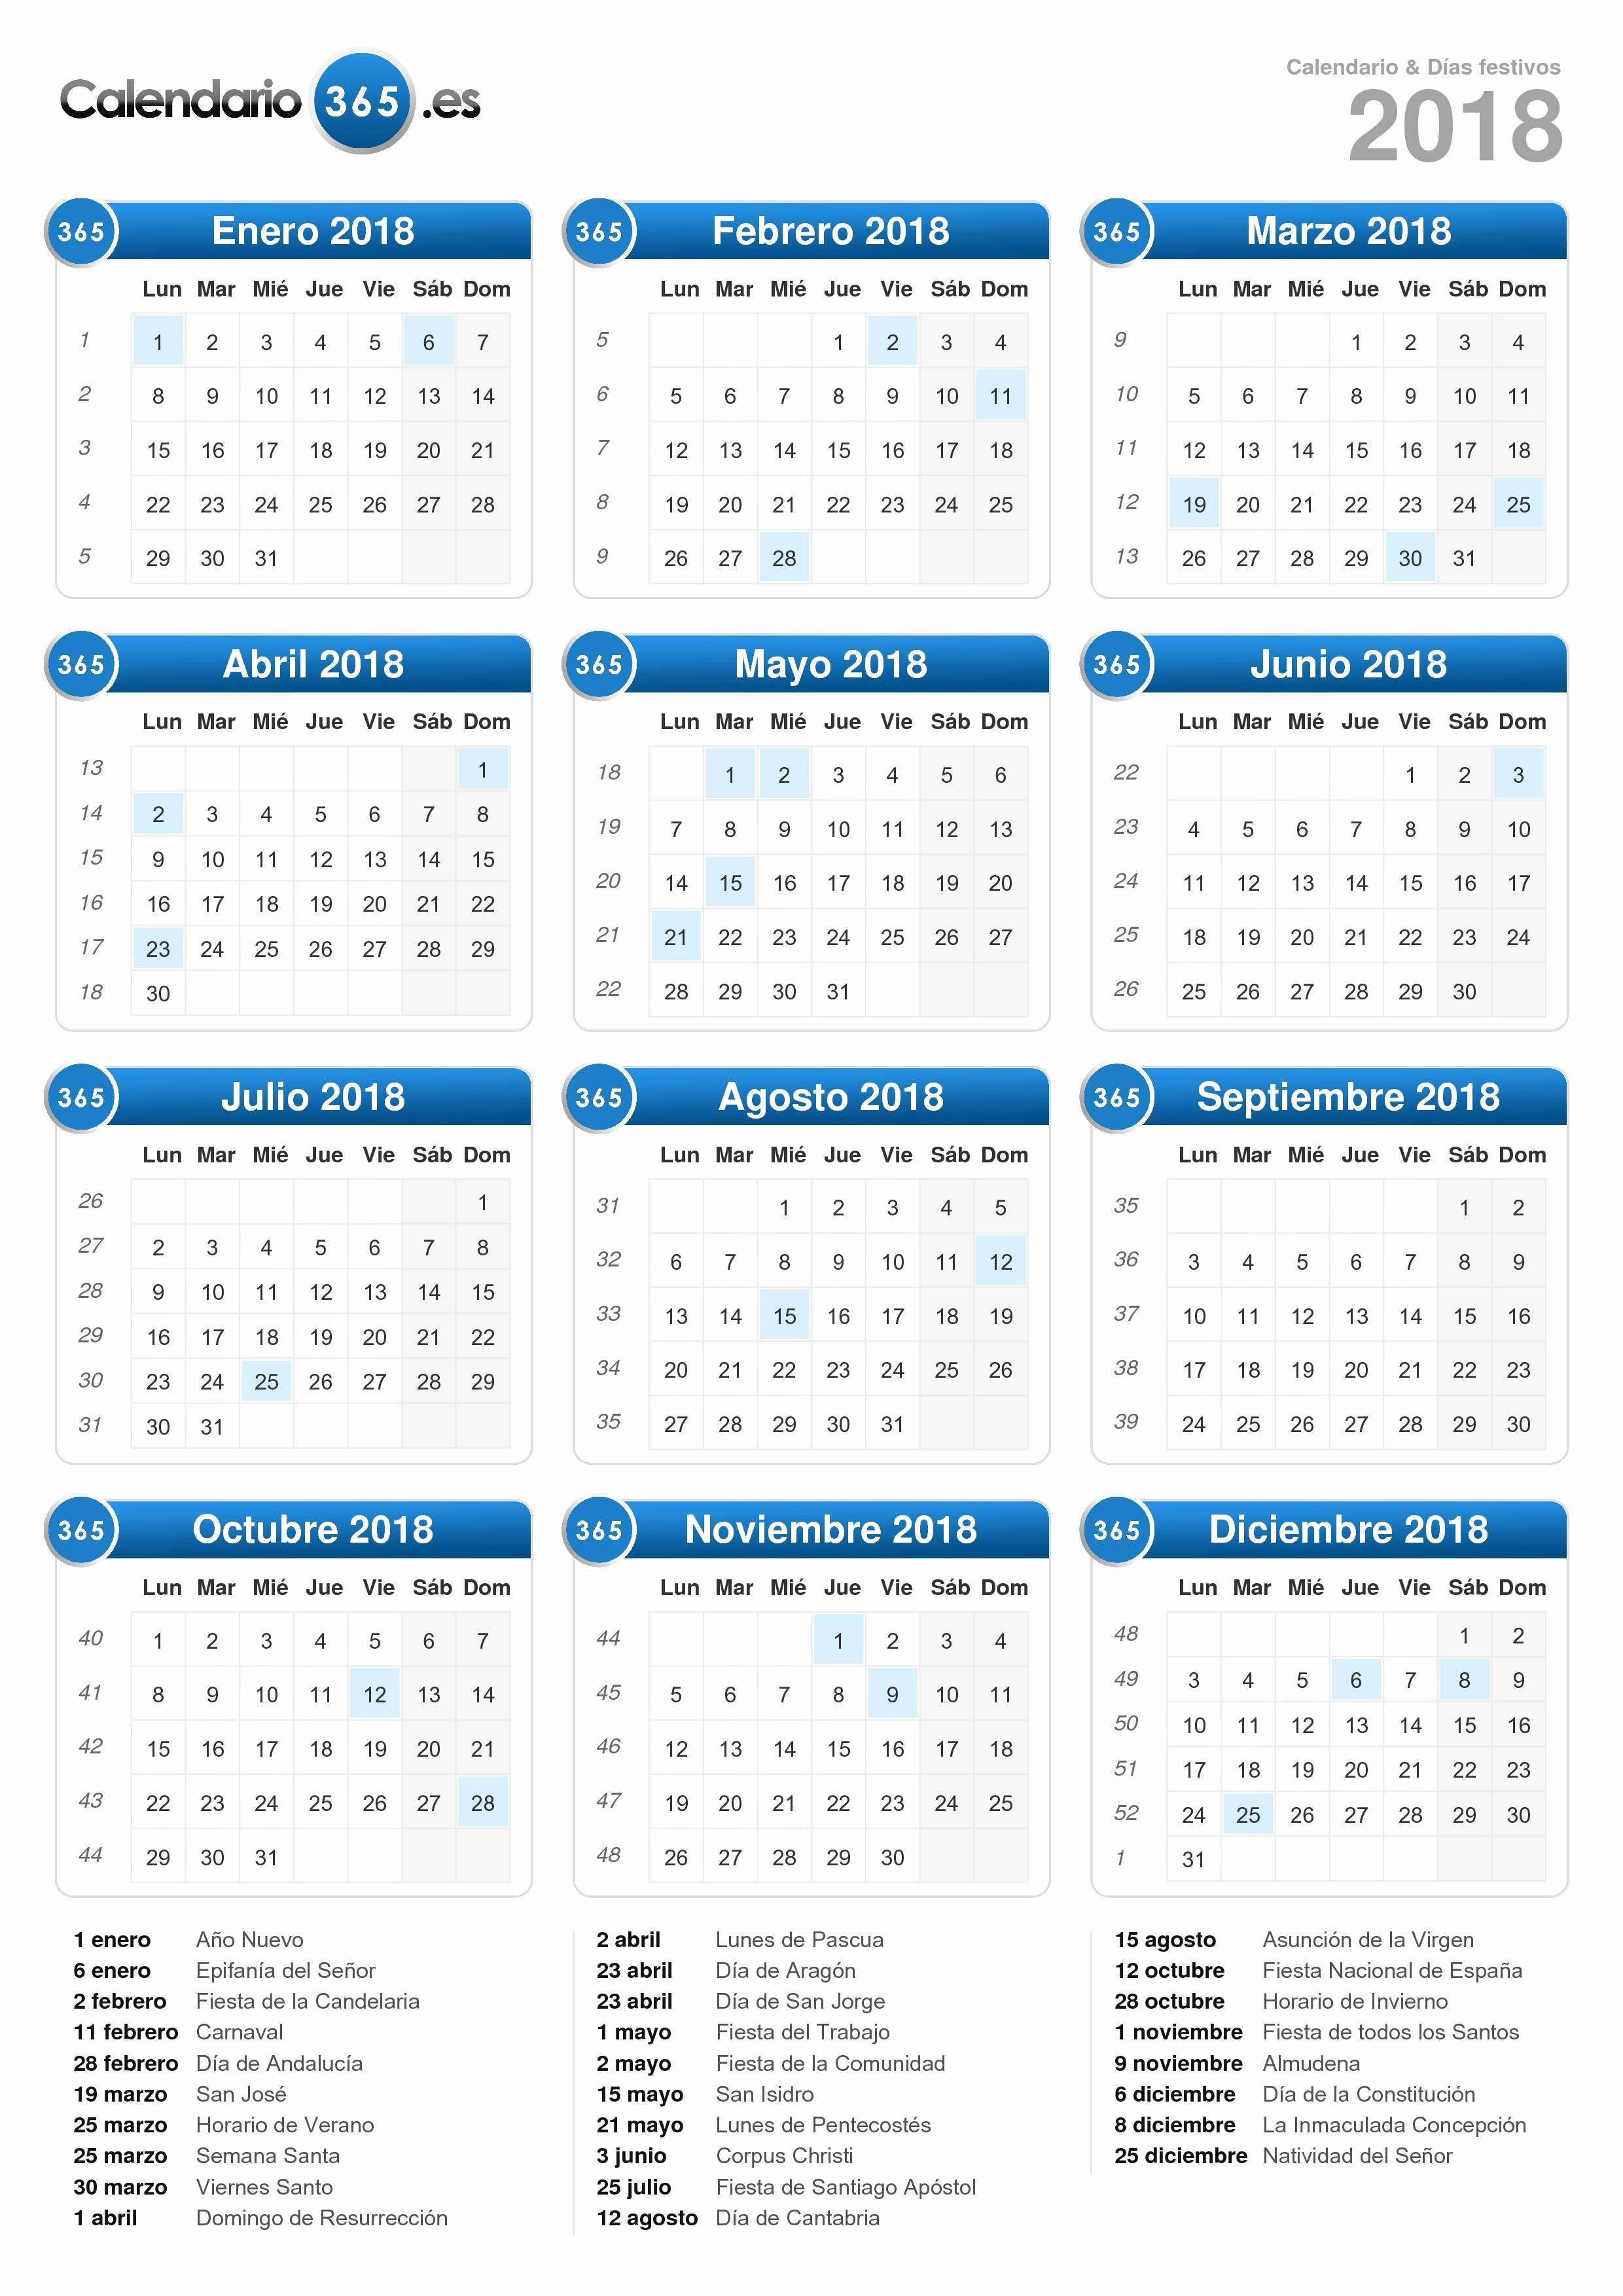 Calendario 2019 Dias Festivos Colombia Más Populares Yllana Calendario 2019 2018 12 Of Calendario 2019 Dias Festivos Colombia Más Arriba-a-fecha Pin De Calendario Hispano En Calendario Con Feriados A±o 2020